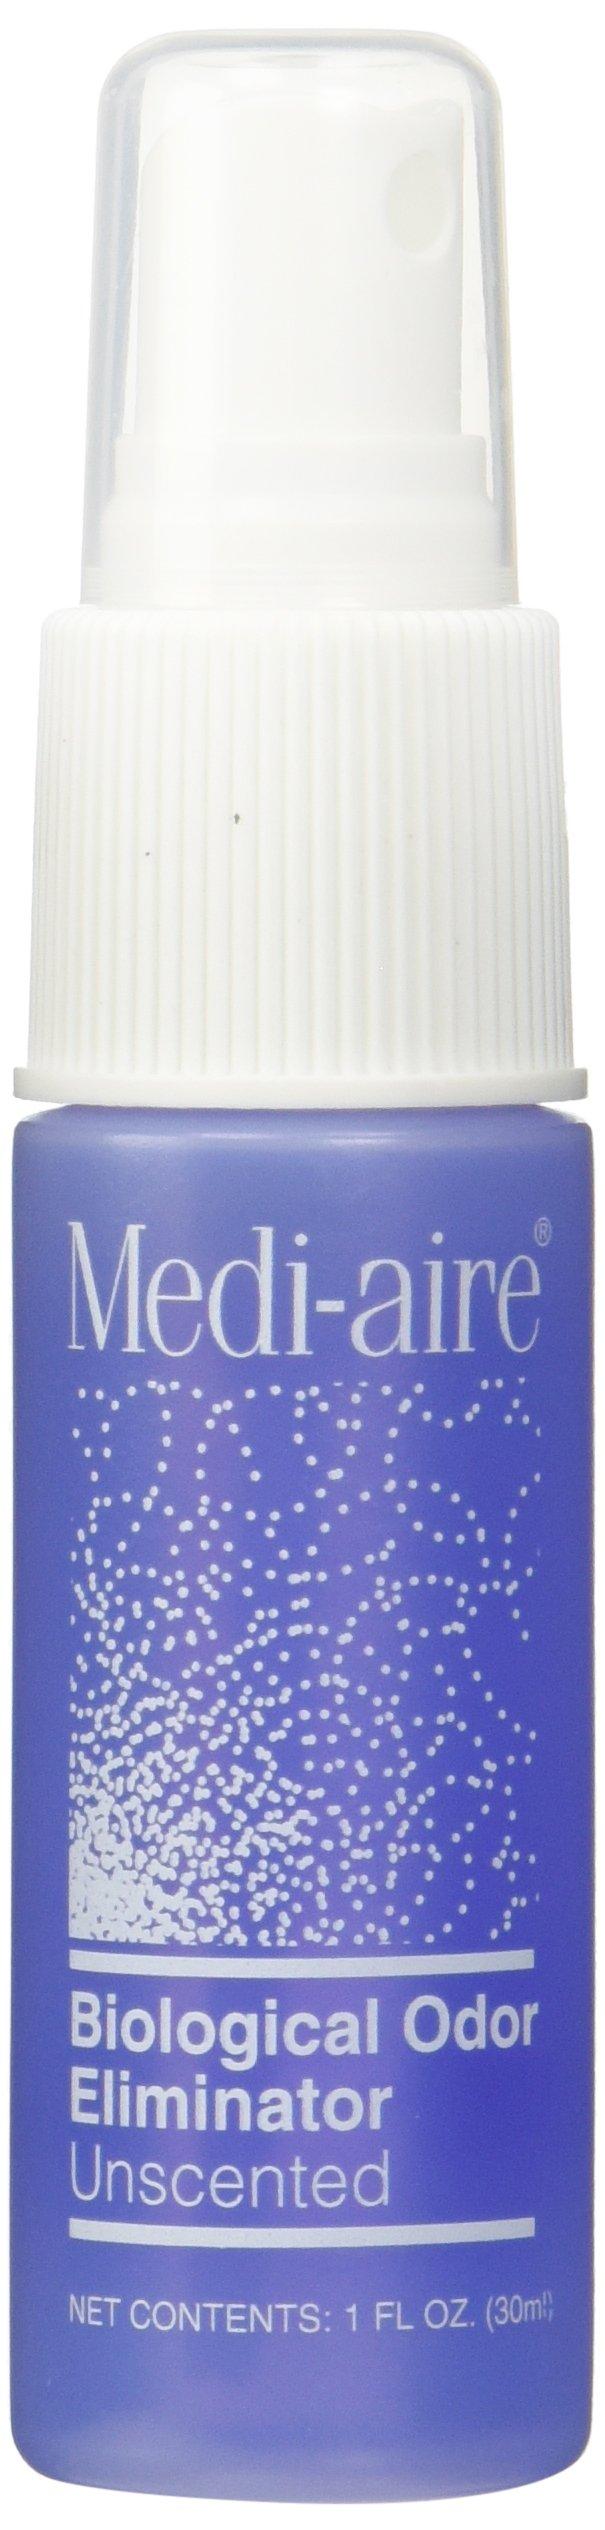 Medi-Aire Biological Odor Eliminator Unscented 1 oz product image